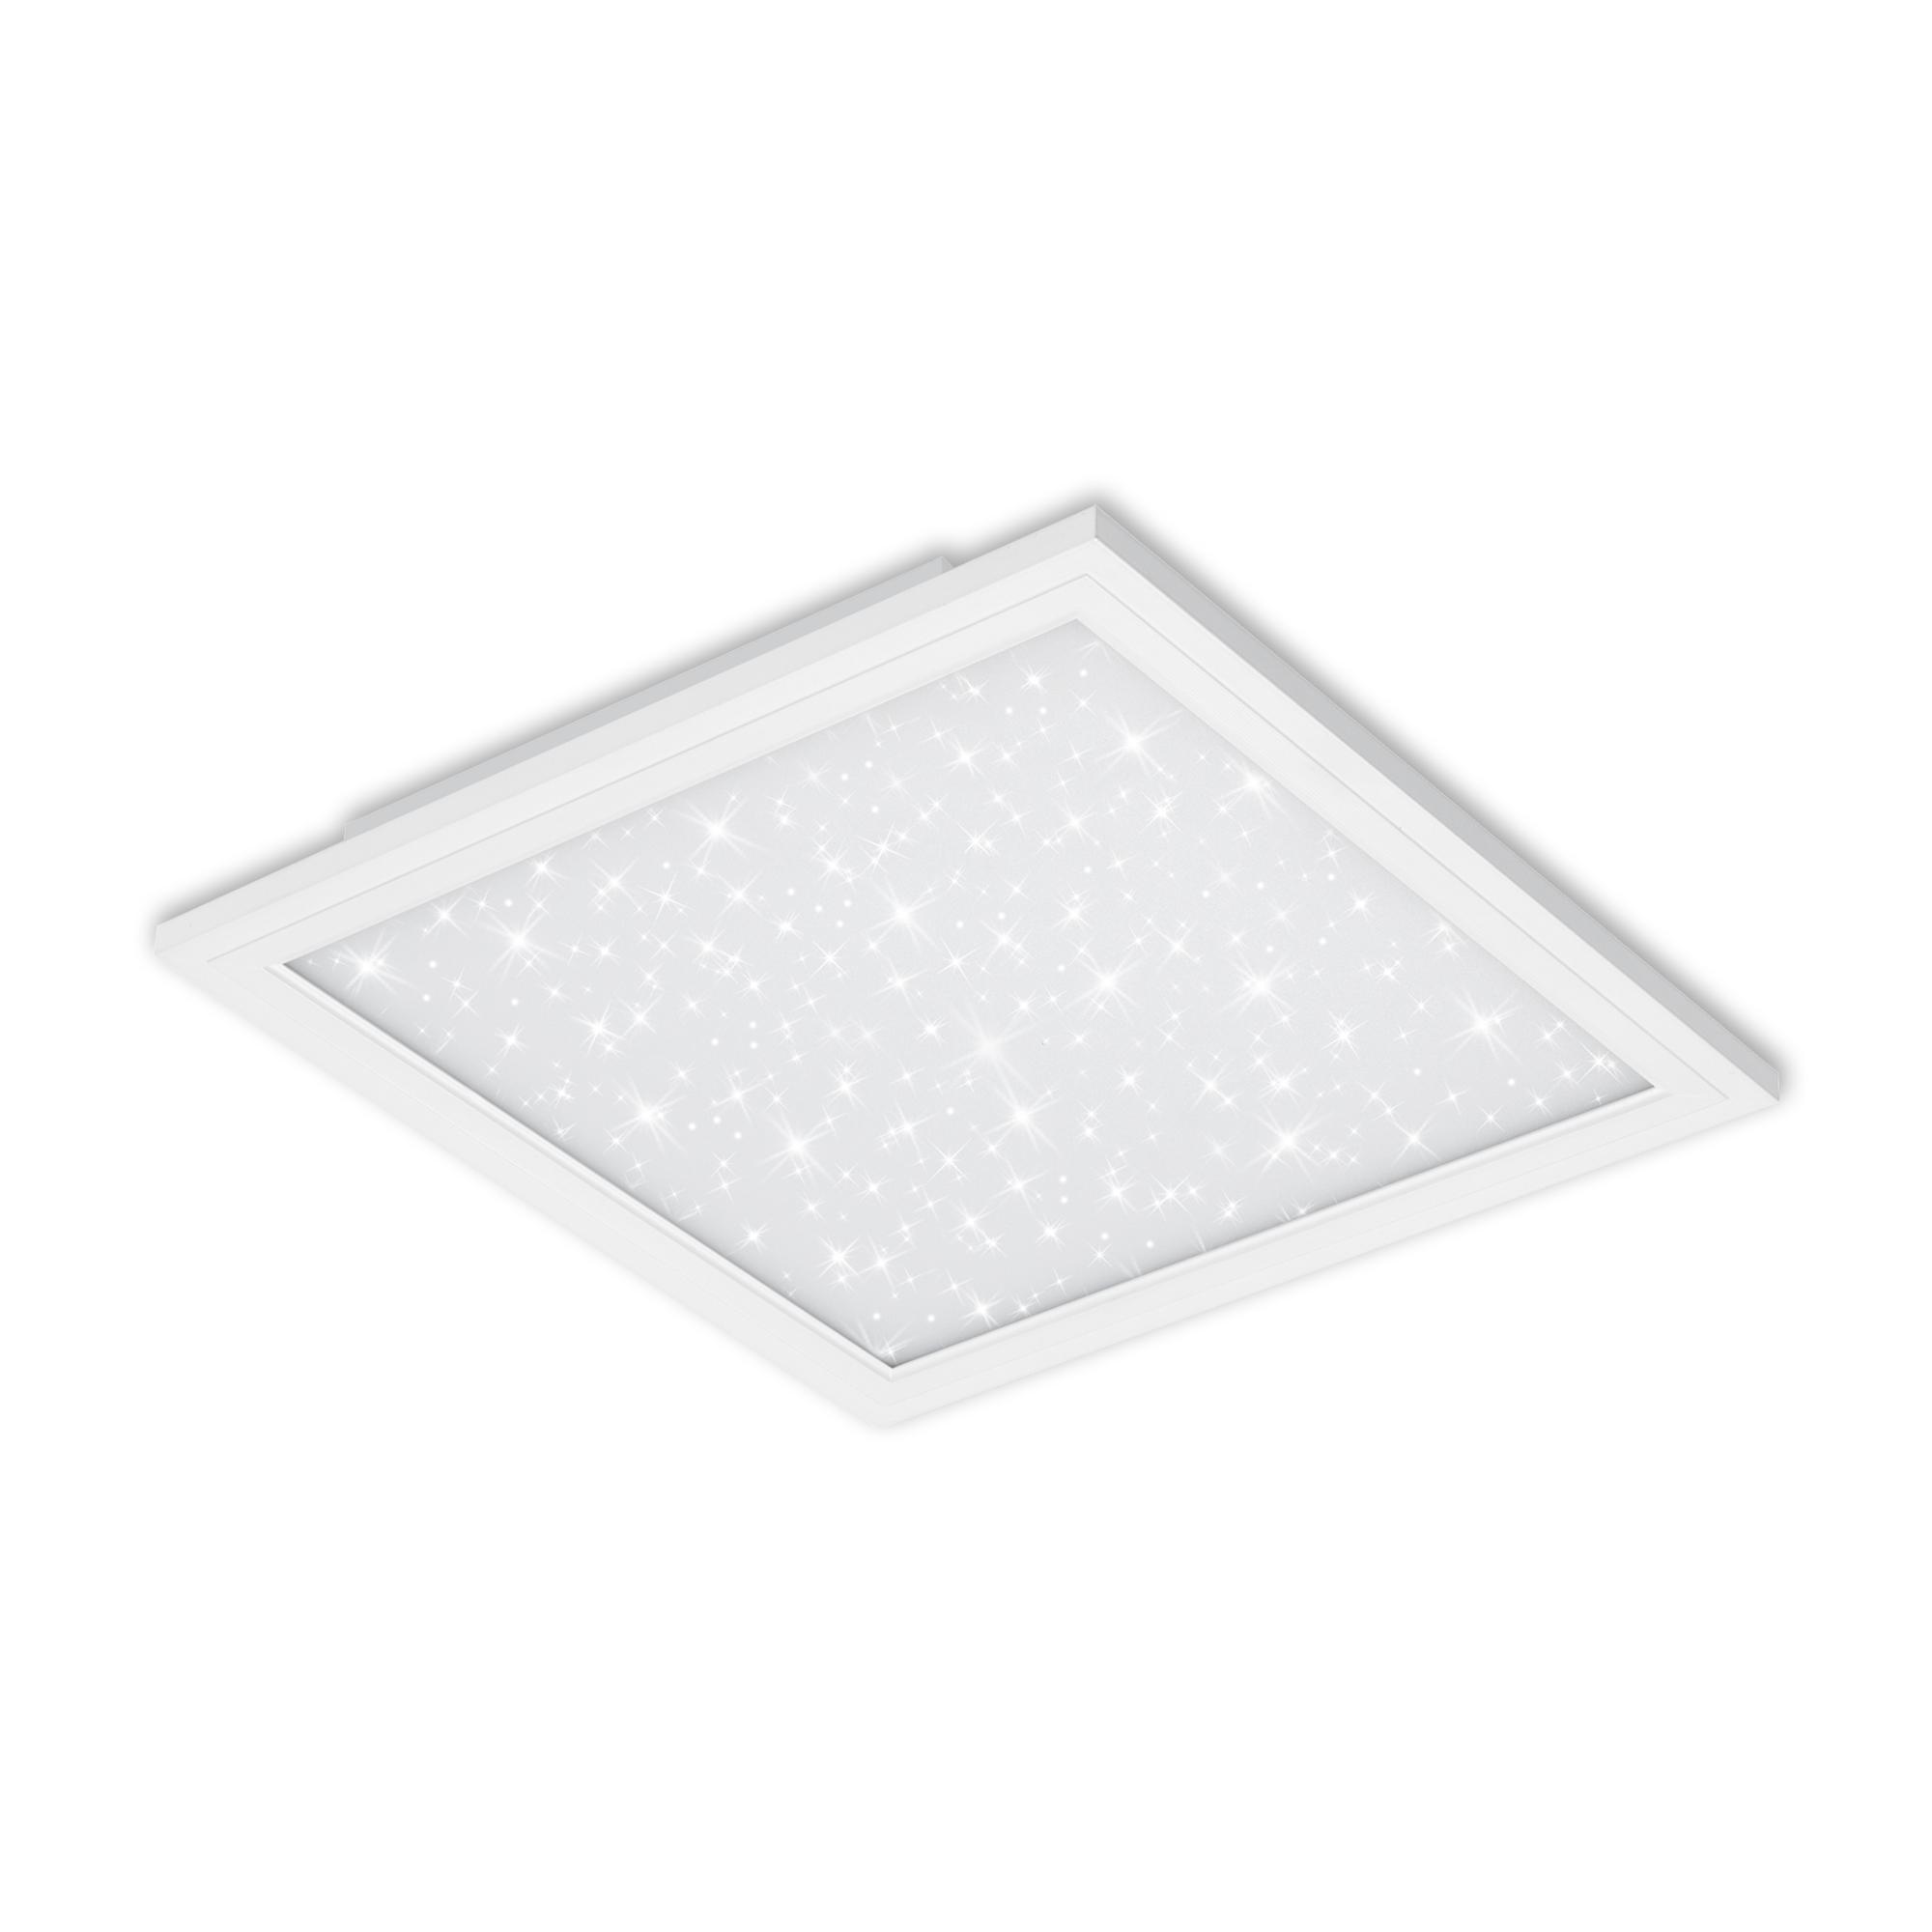 STERNENHIMMEL LED Panel, 45 cm, 2200 LUMEN, 22 WATT, Weiß